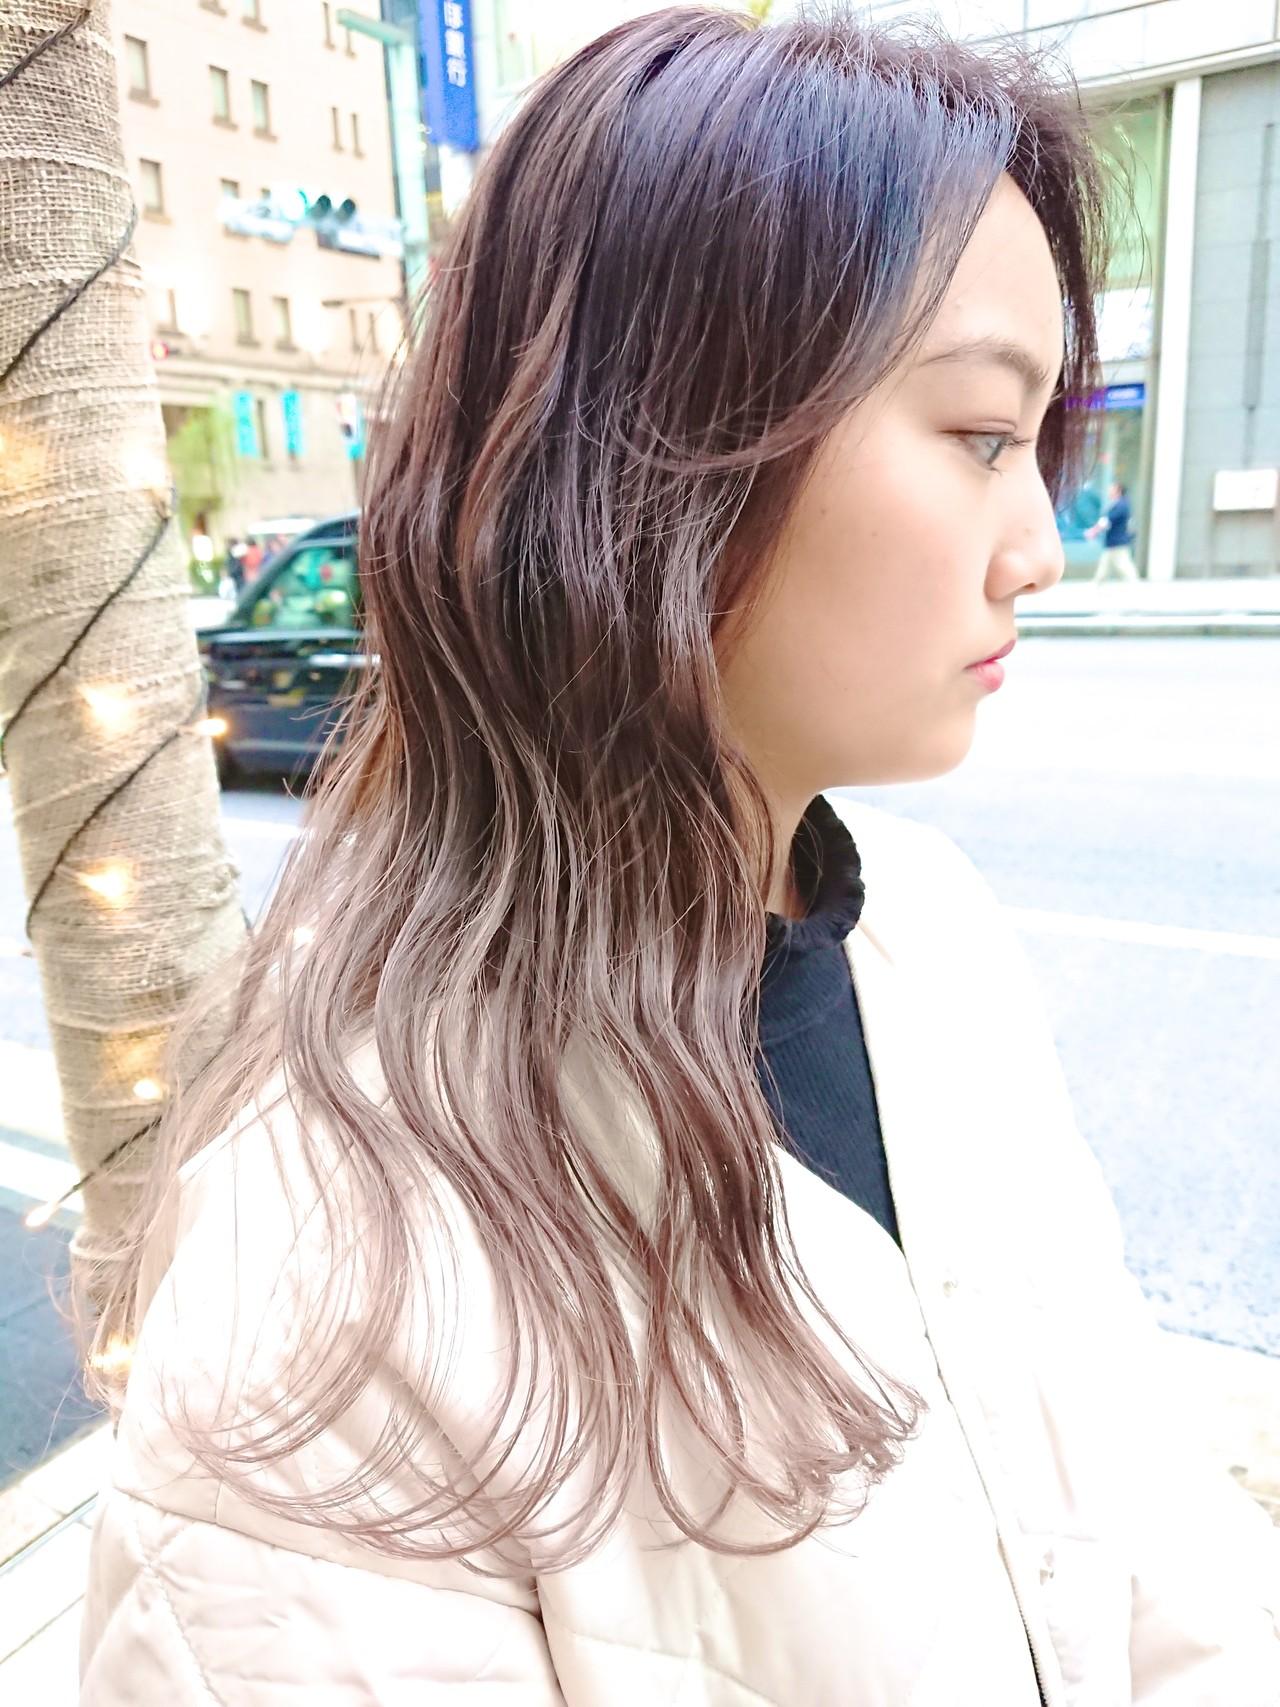 ブリーチ セミロング グラデーションカラー ストリート ヘアスタイルや髪型の写真・画像 | MATSUDA / HAIR DERA'S 中央通り店